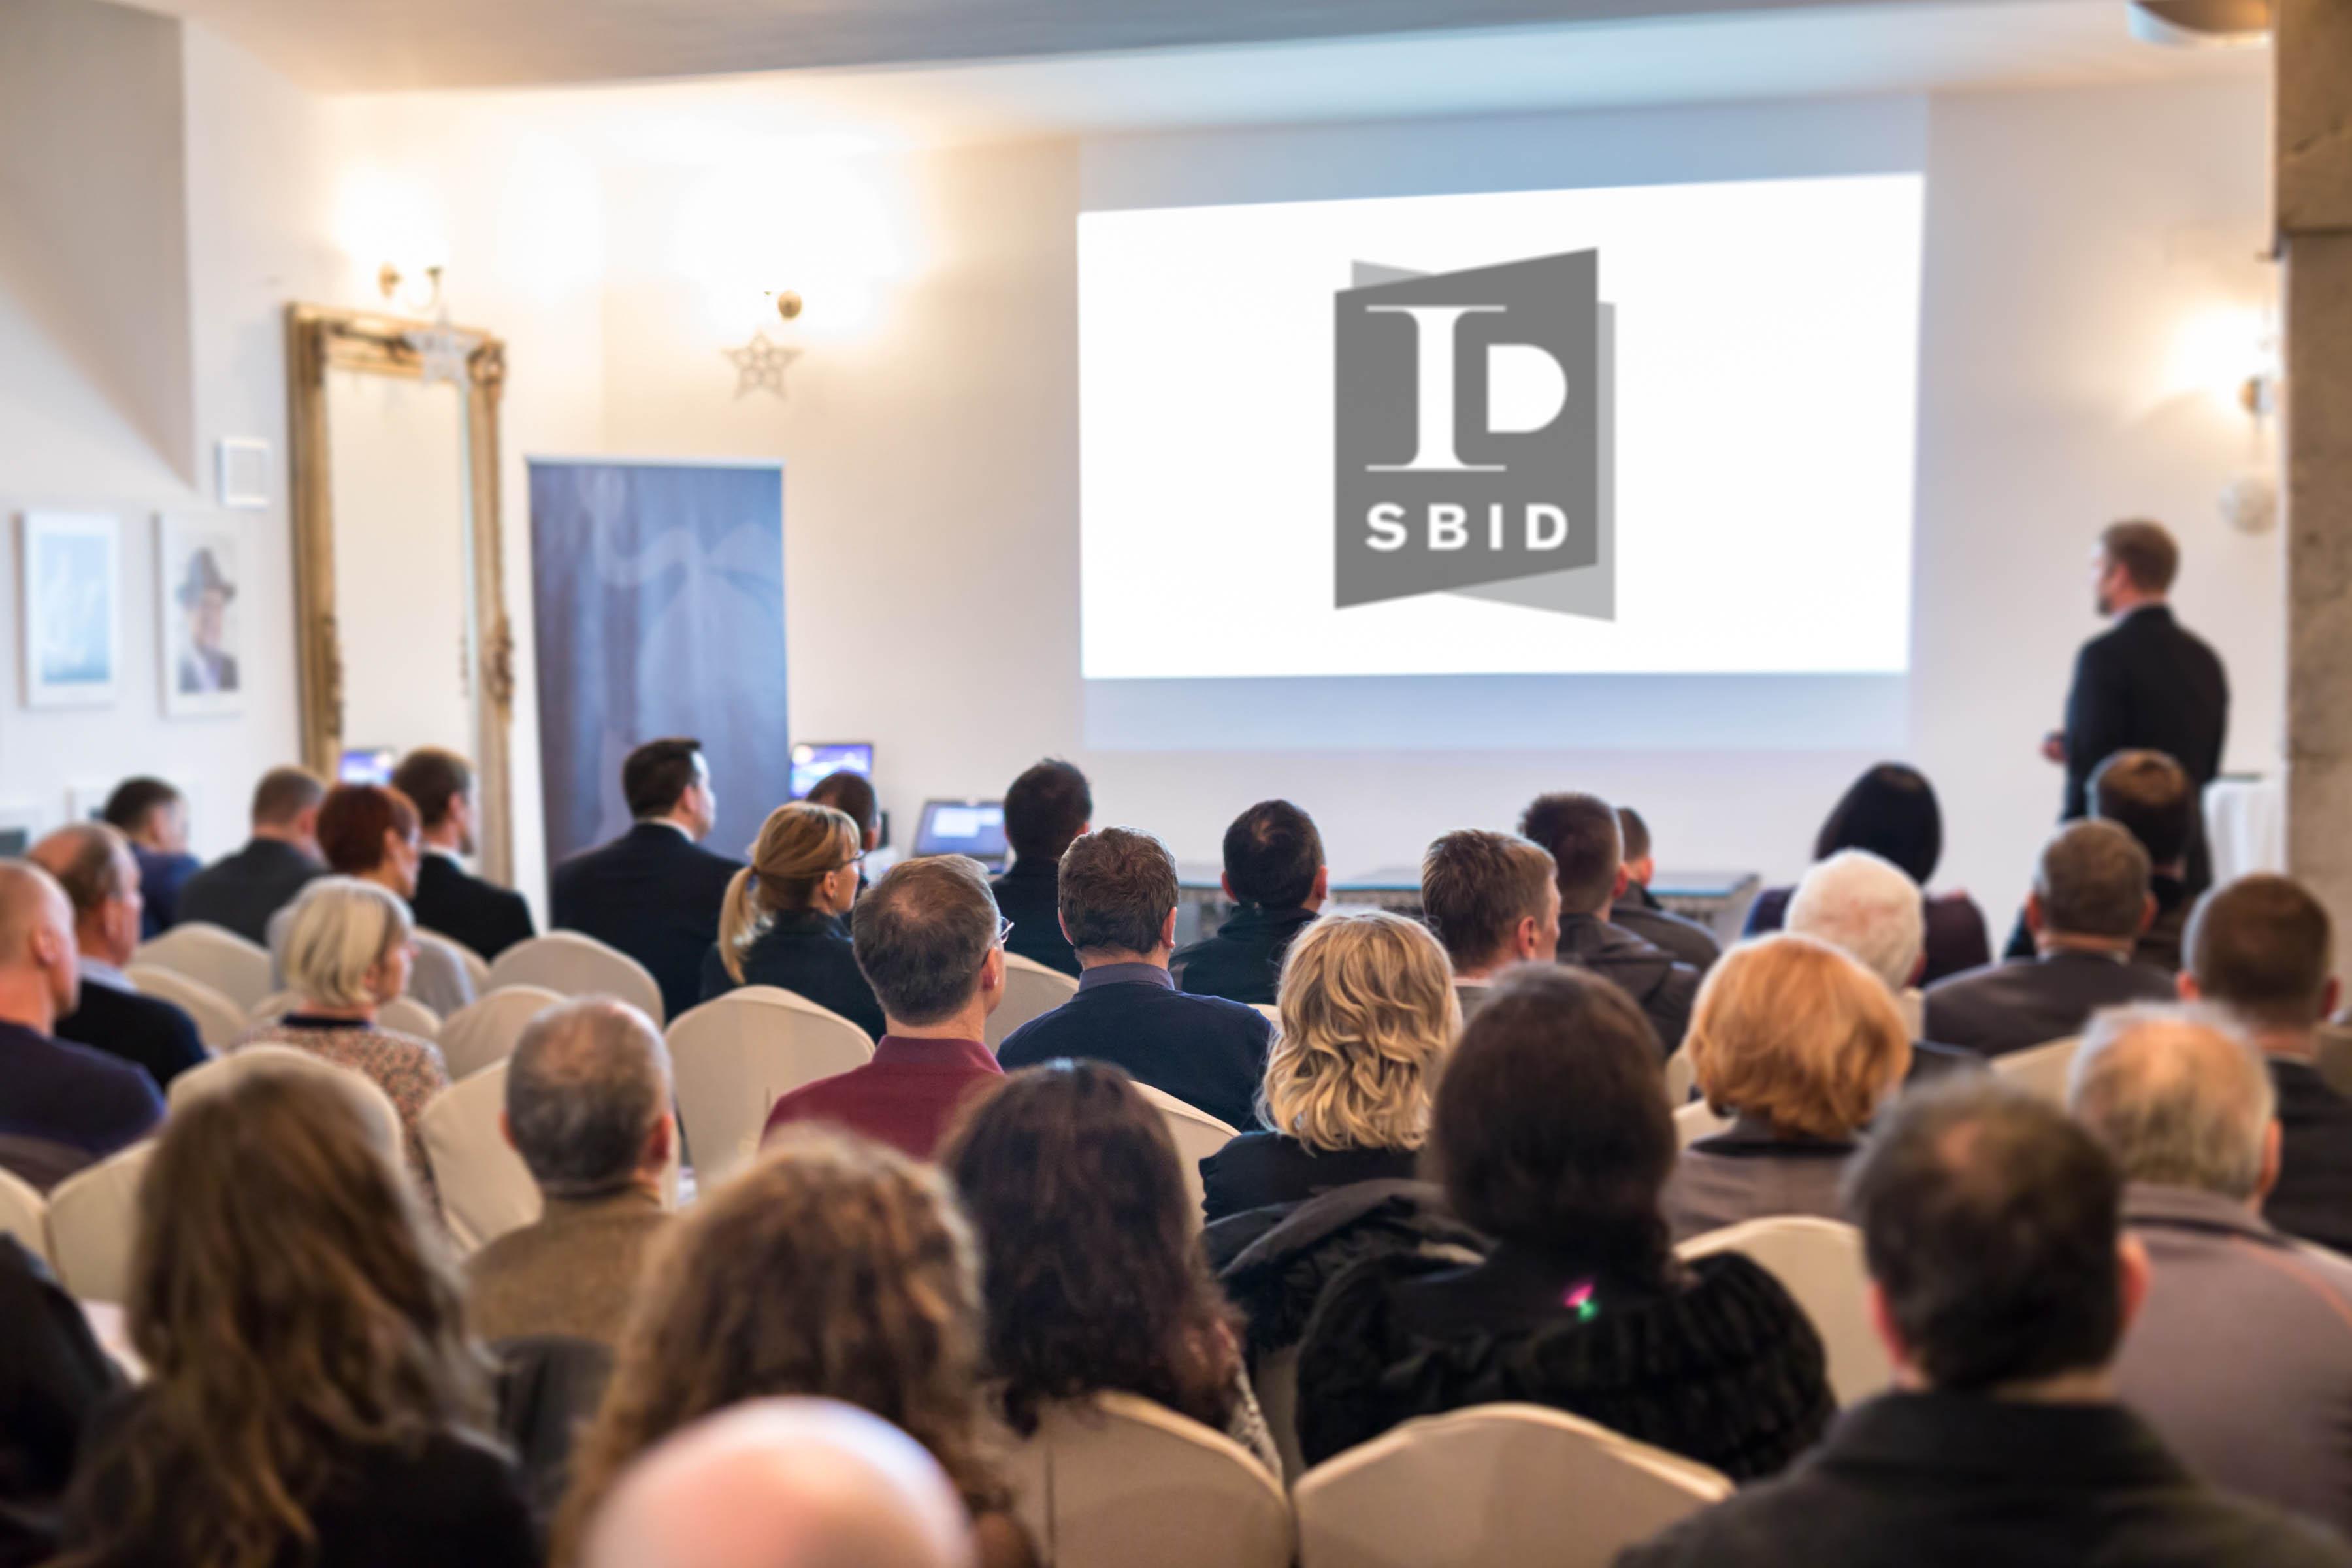 SBID history